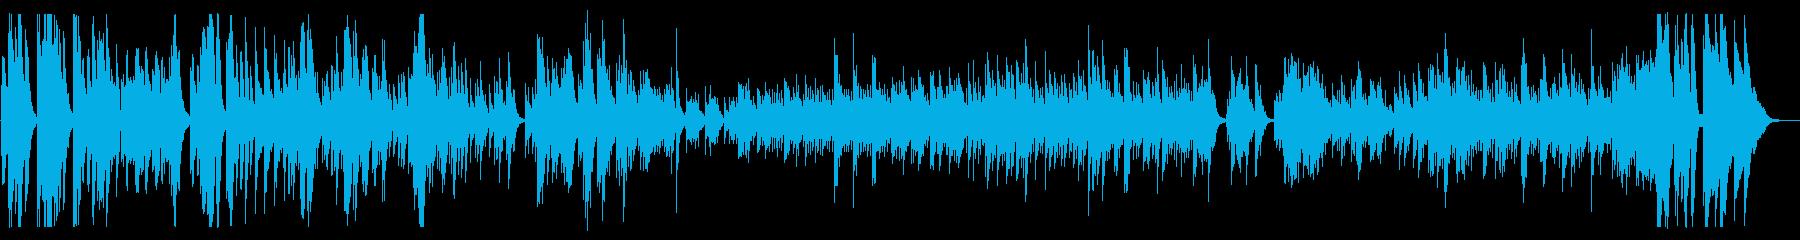 ブラームスのソナタの再生済みの波形